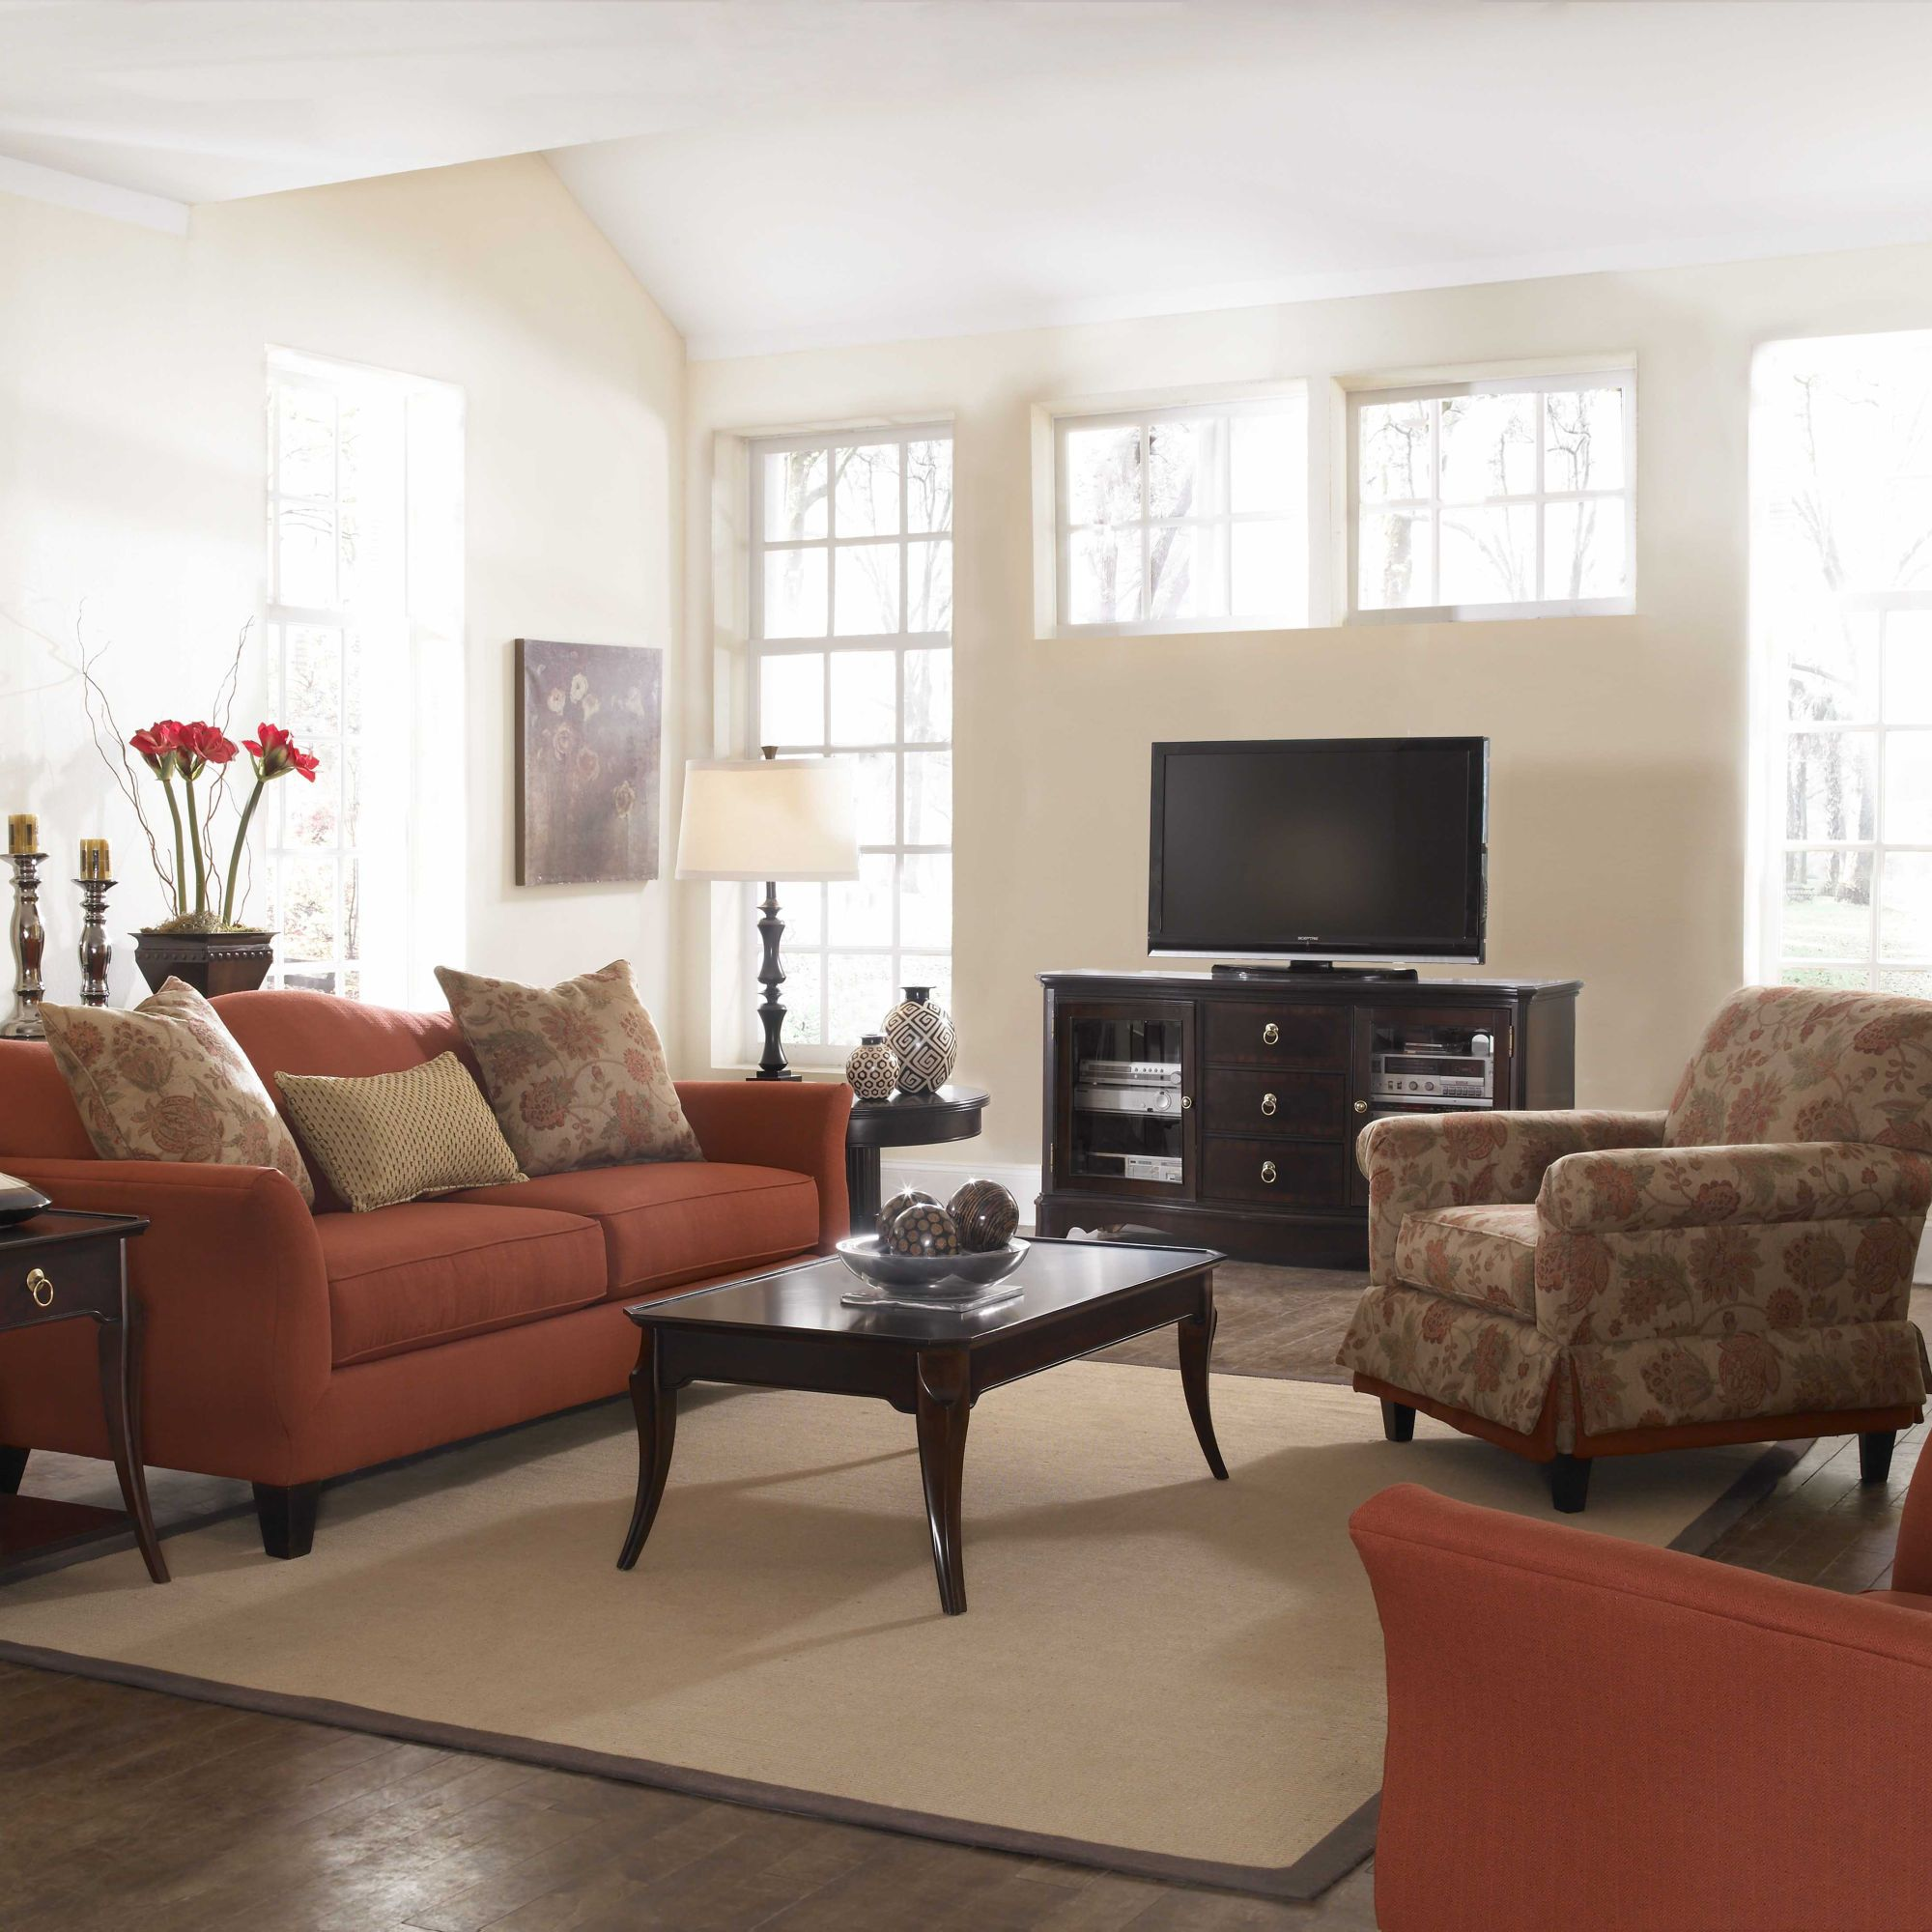 Living Room Sets Wayfair Living room sets, World